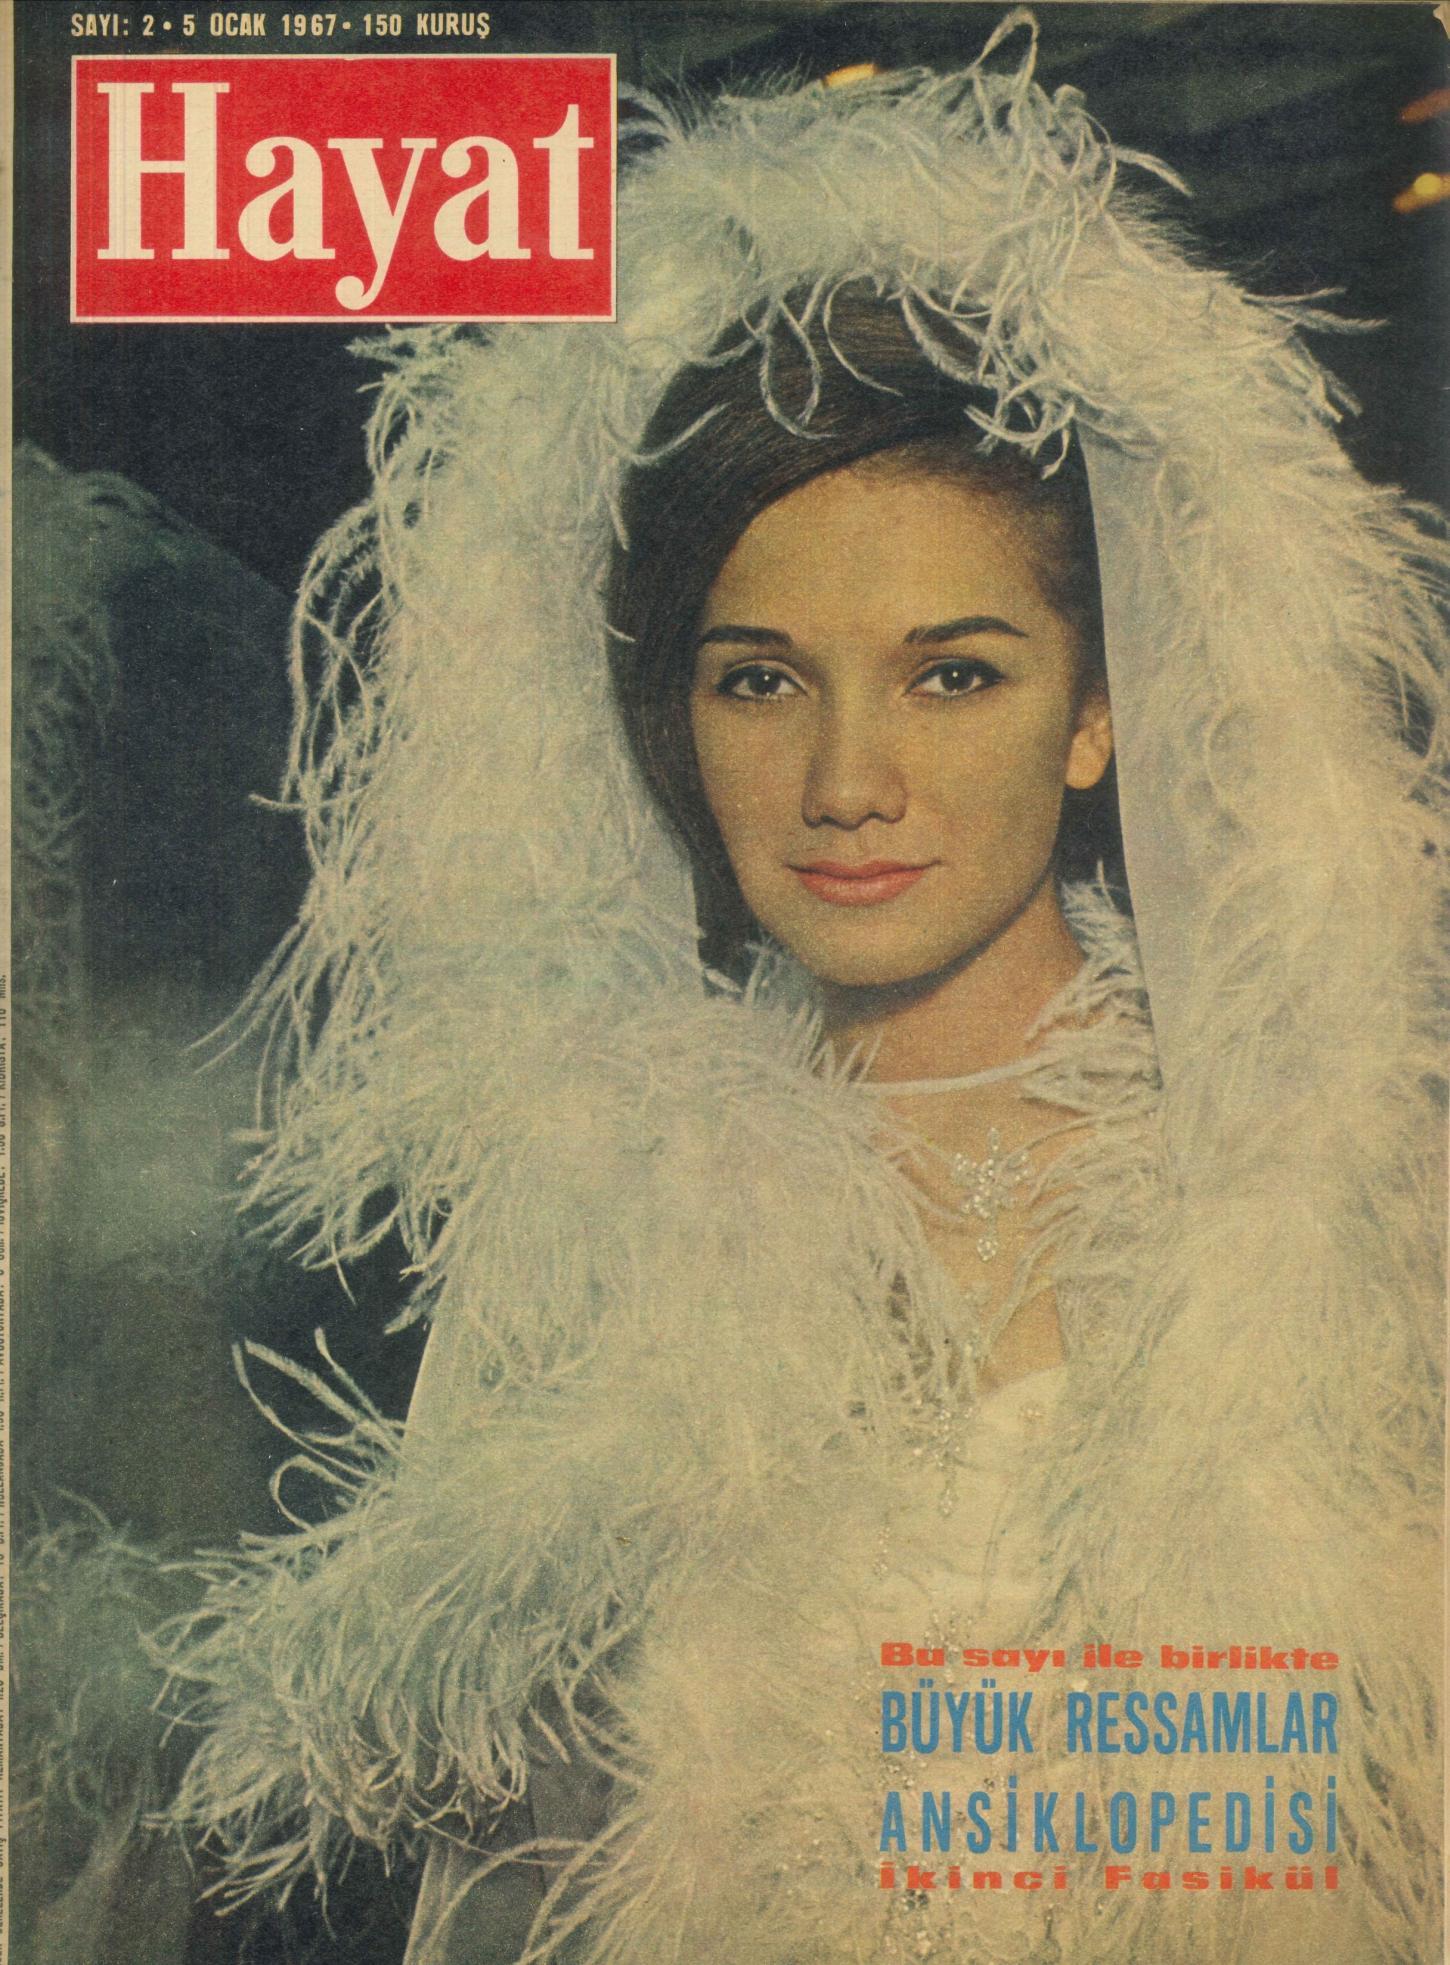 60-larda-evlilik-genc-kizlarin-zengin-koca-avi-hayat-dergisi-1967 (7)